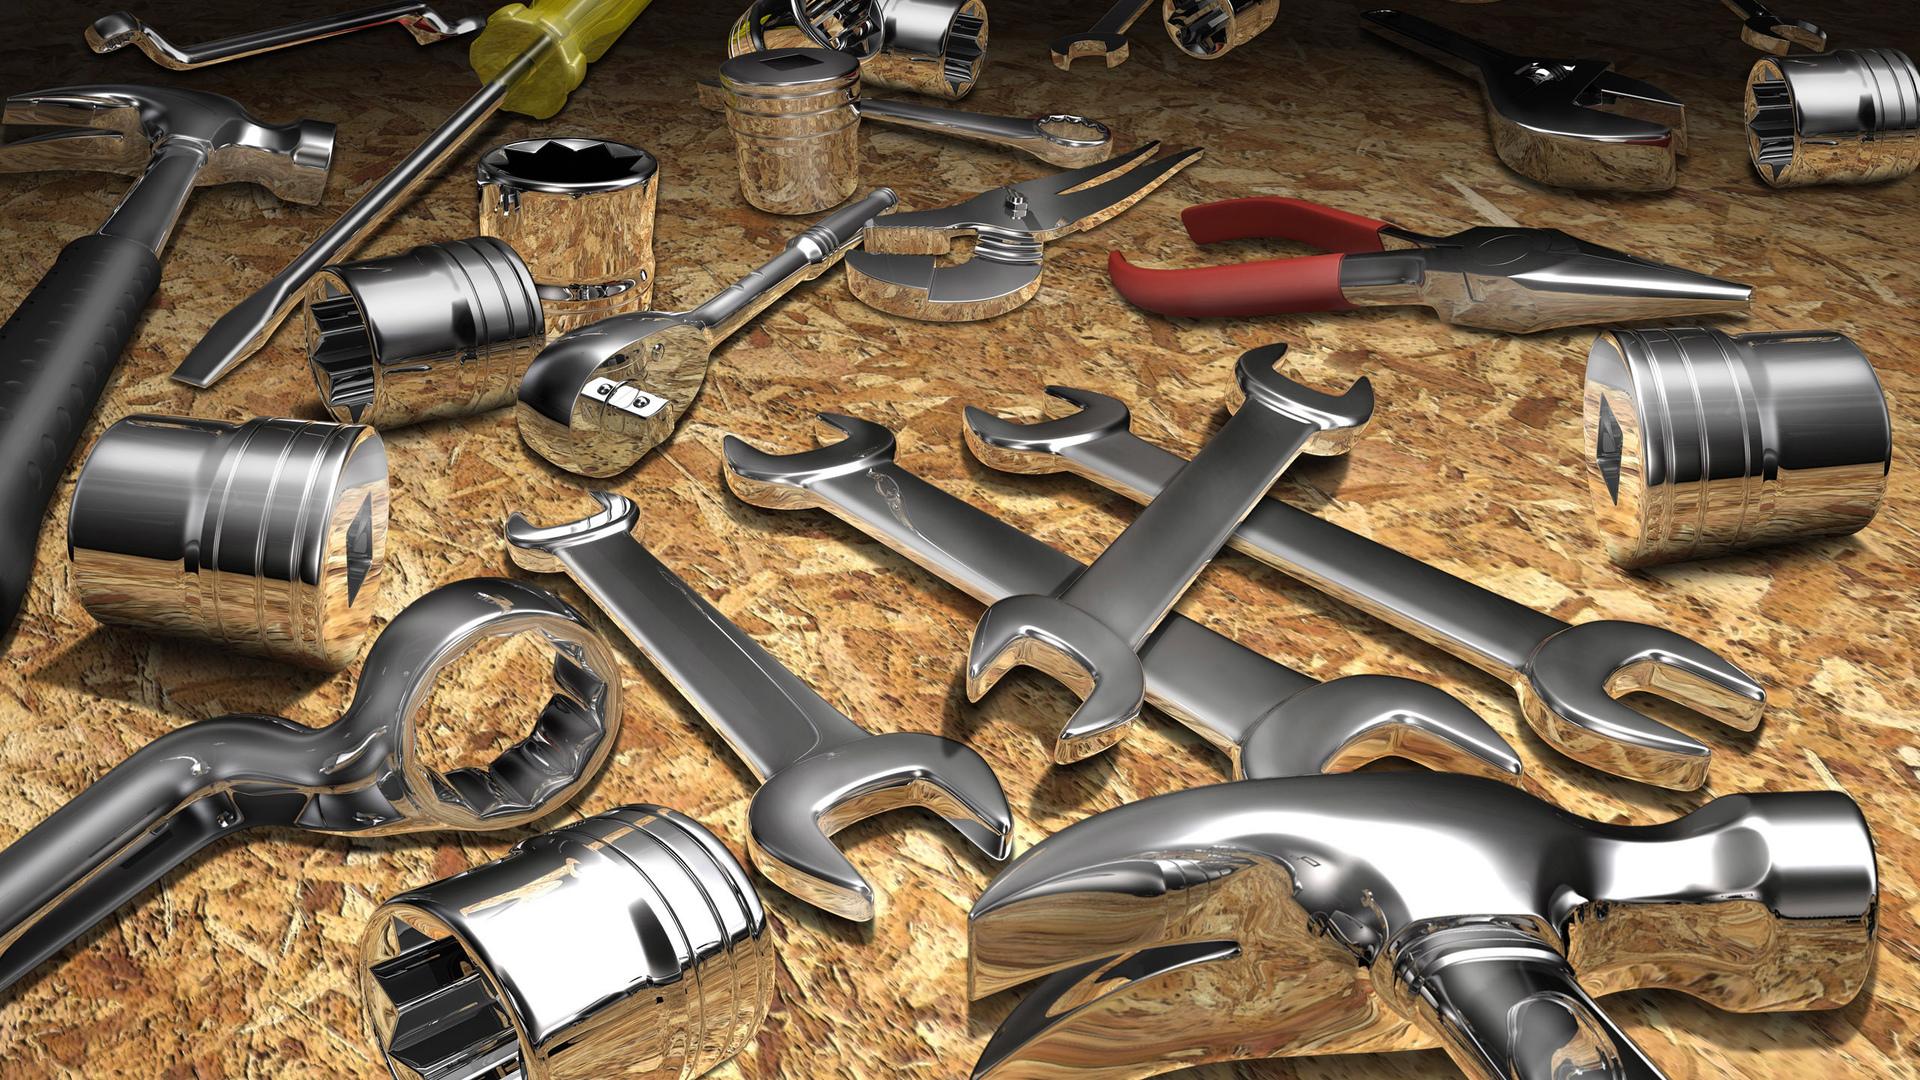 Купить набор инструментов в чемодане, в интернет магазине в Домодедово, Москве, Обнинске, Калуге